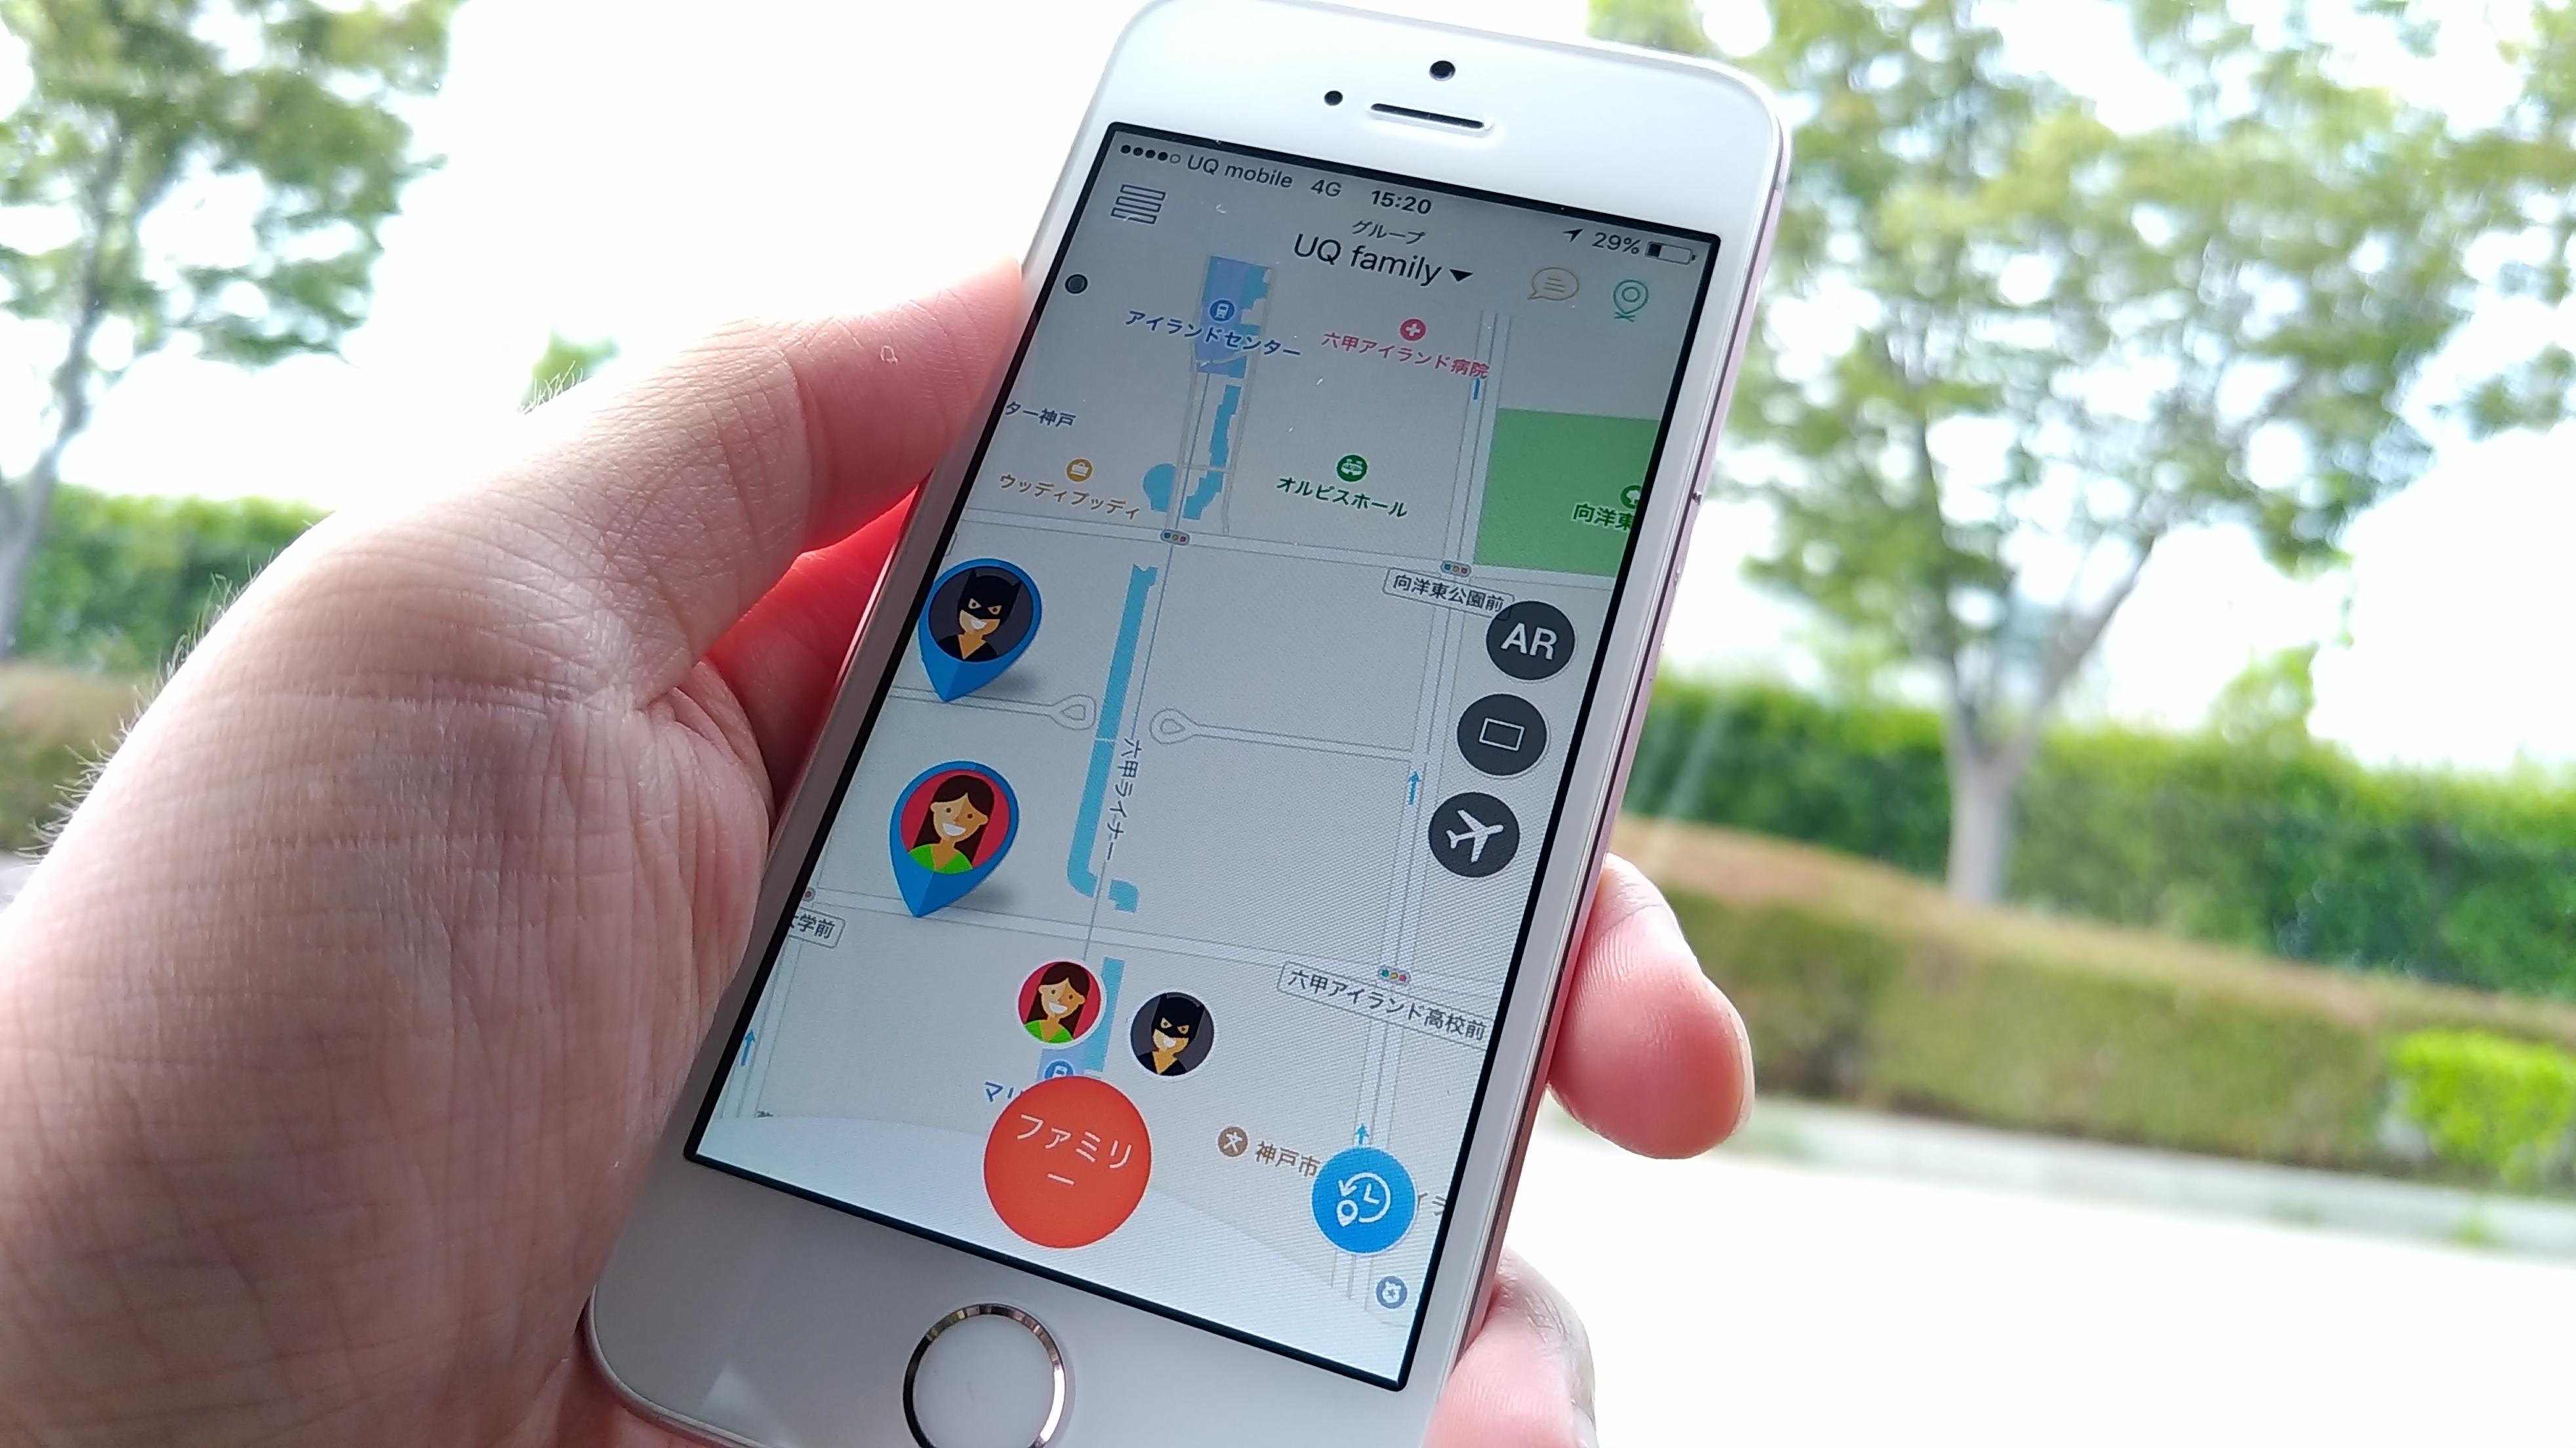 Family Locatorアプリを起動